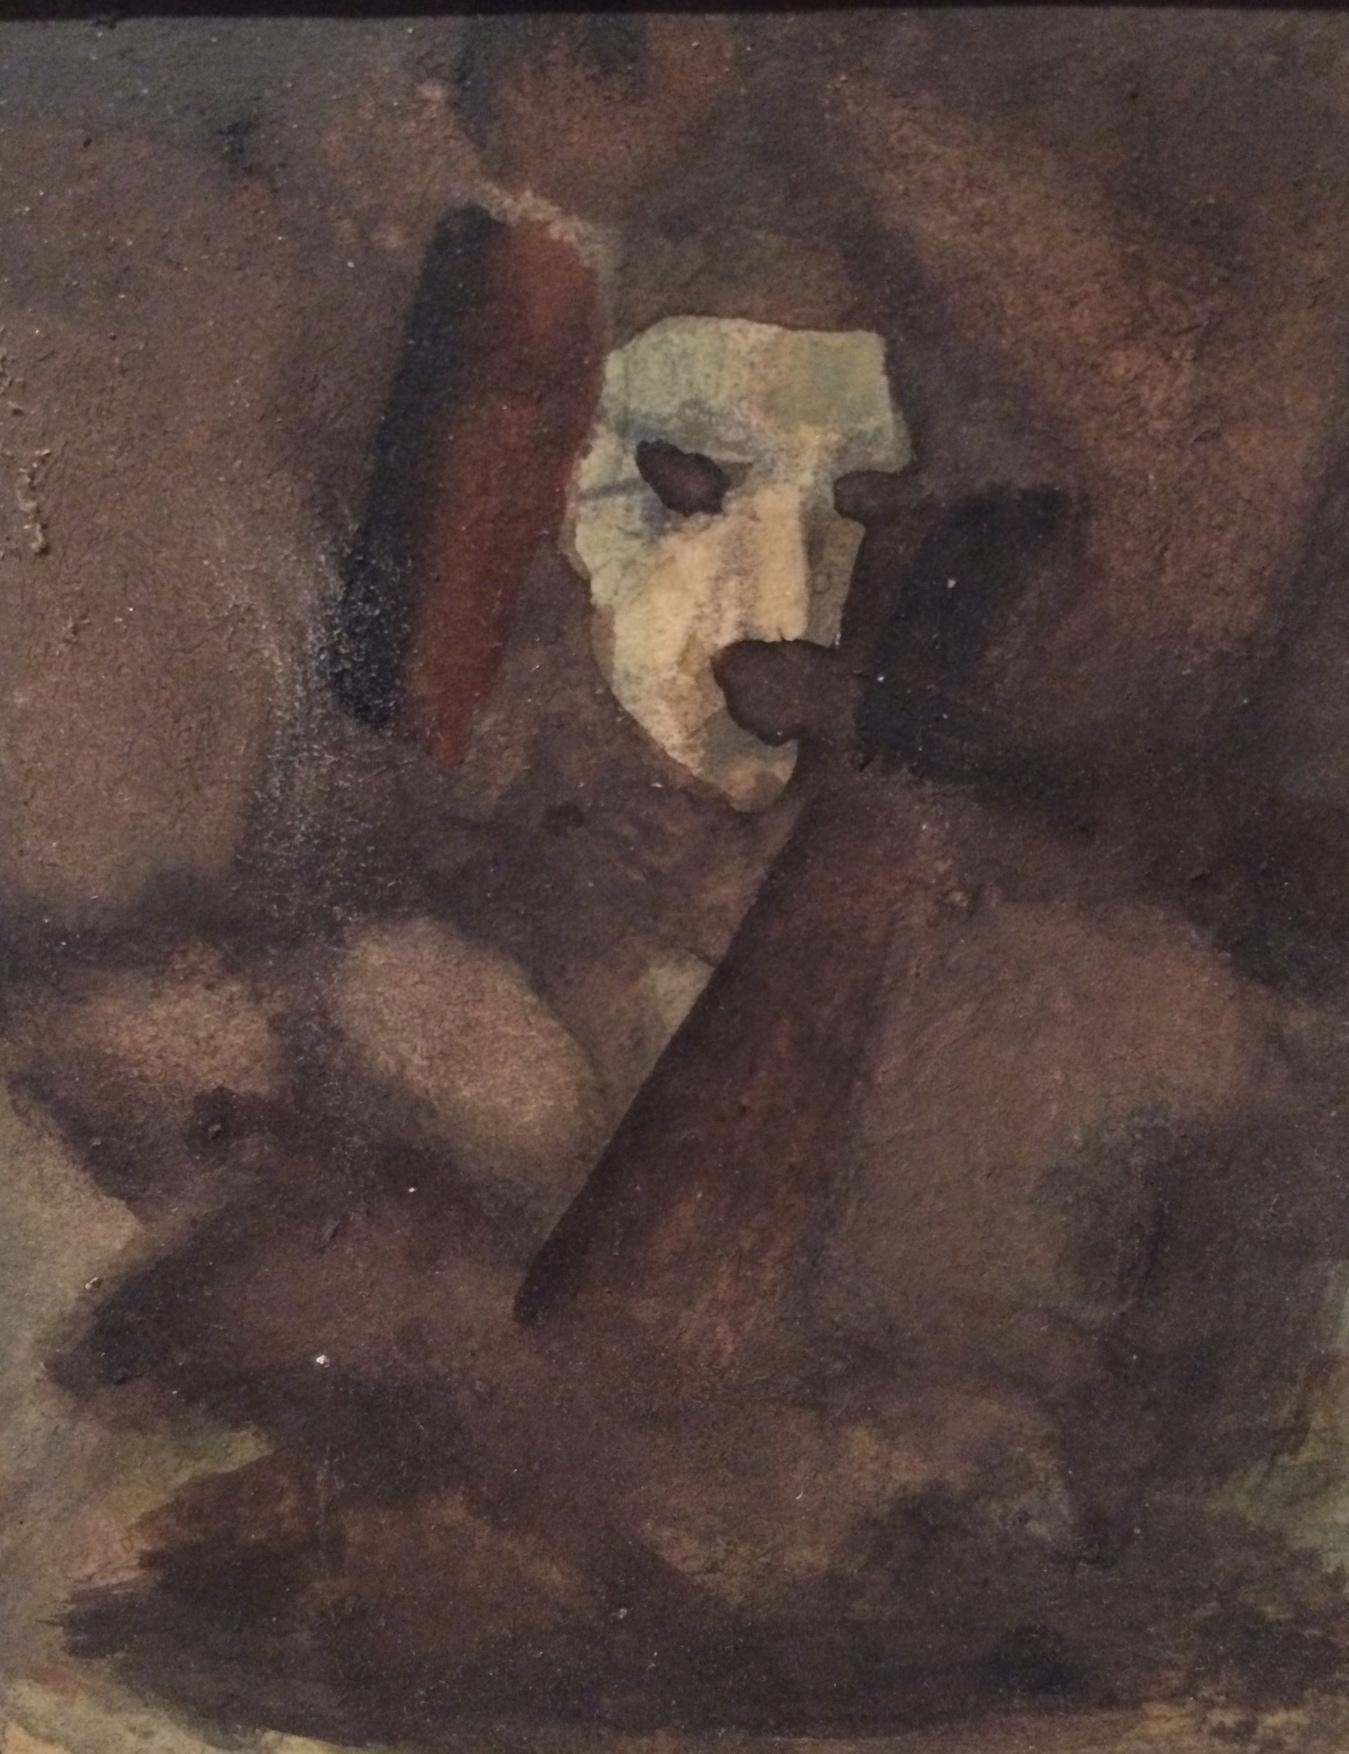 Жегин (Шехтель) Лев Федорович. Портрет.